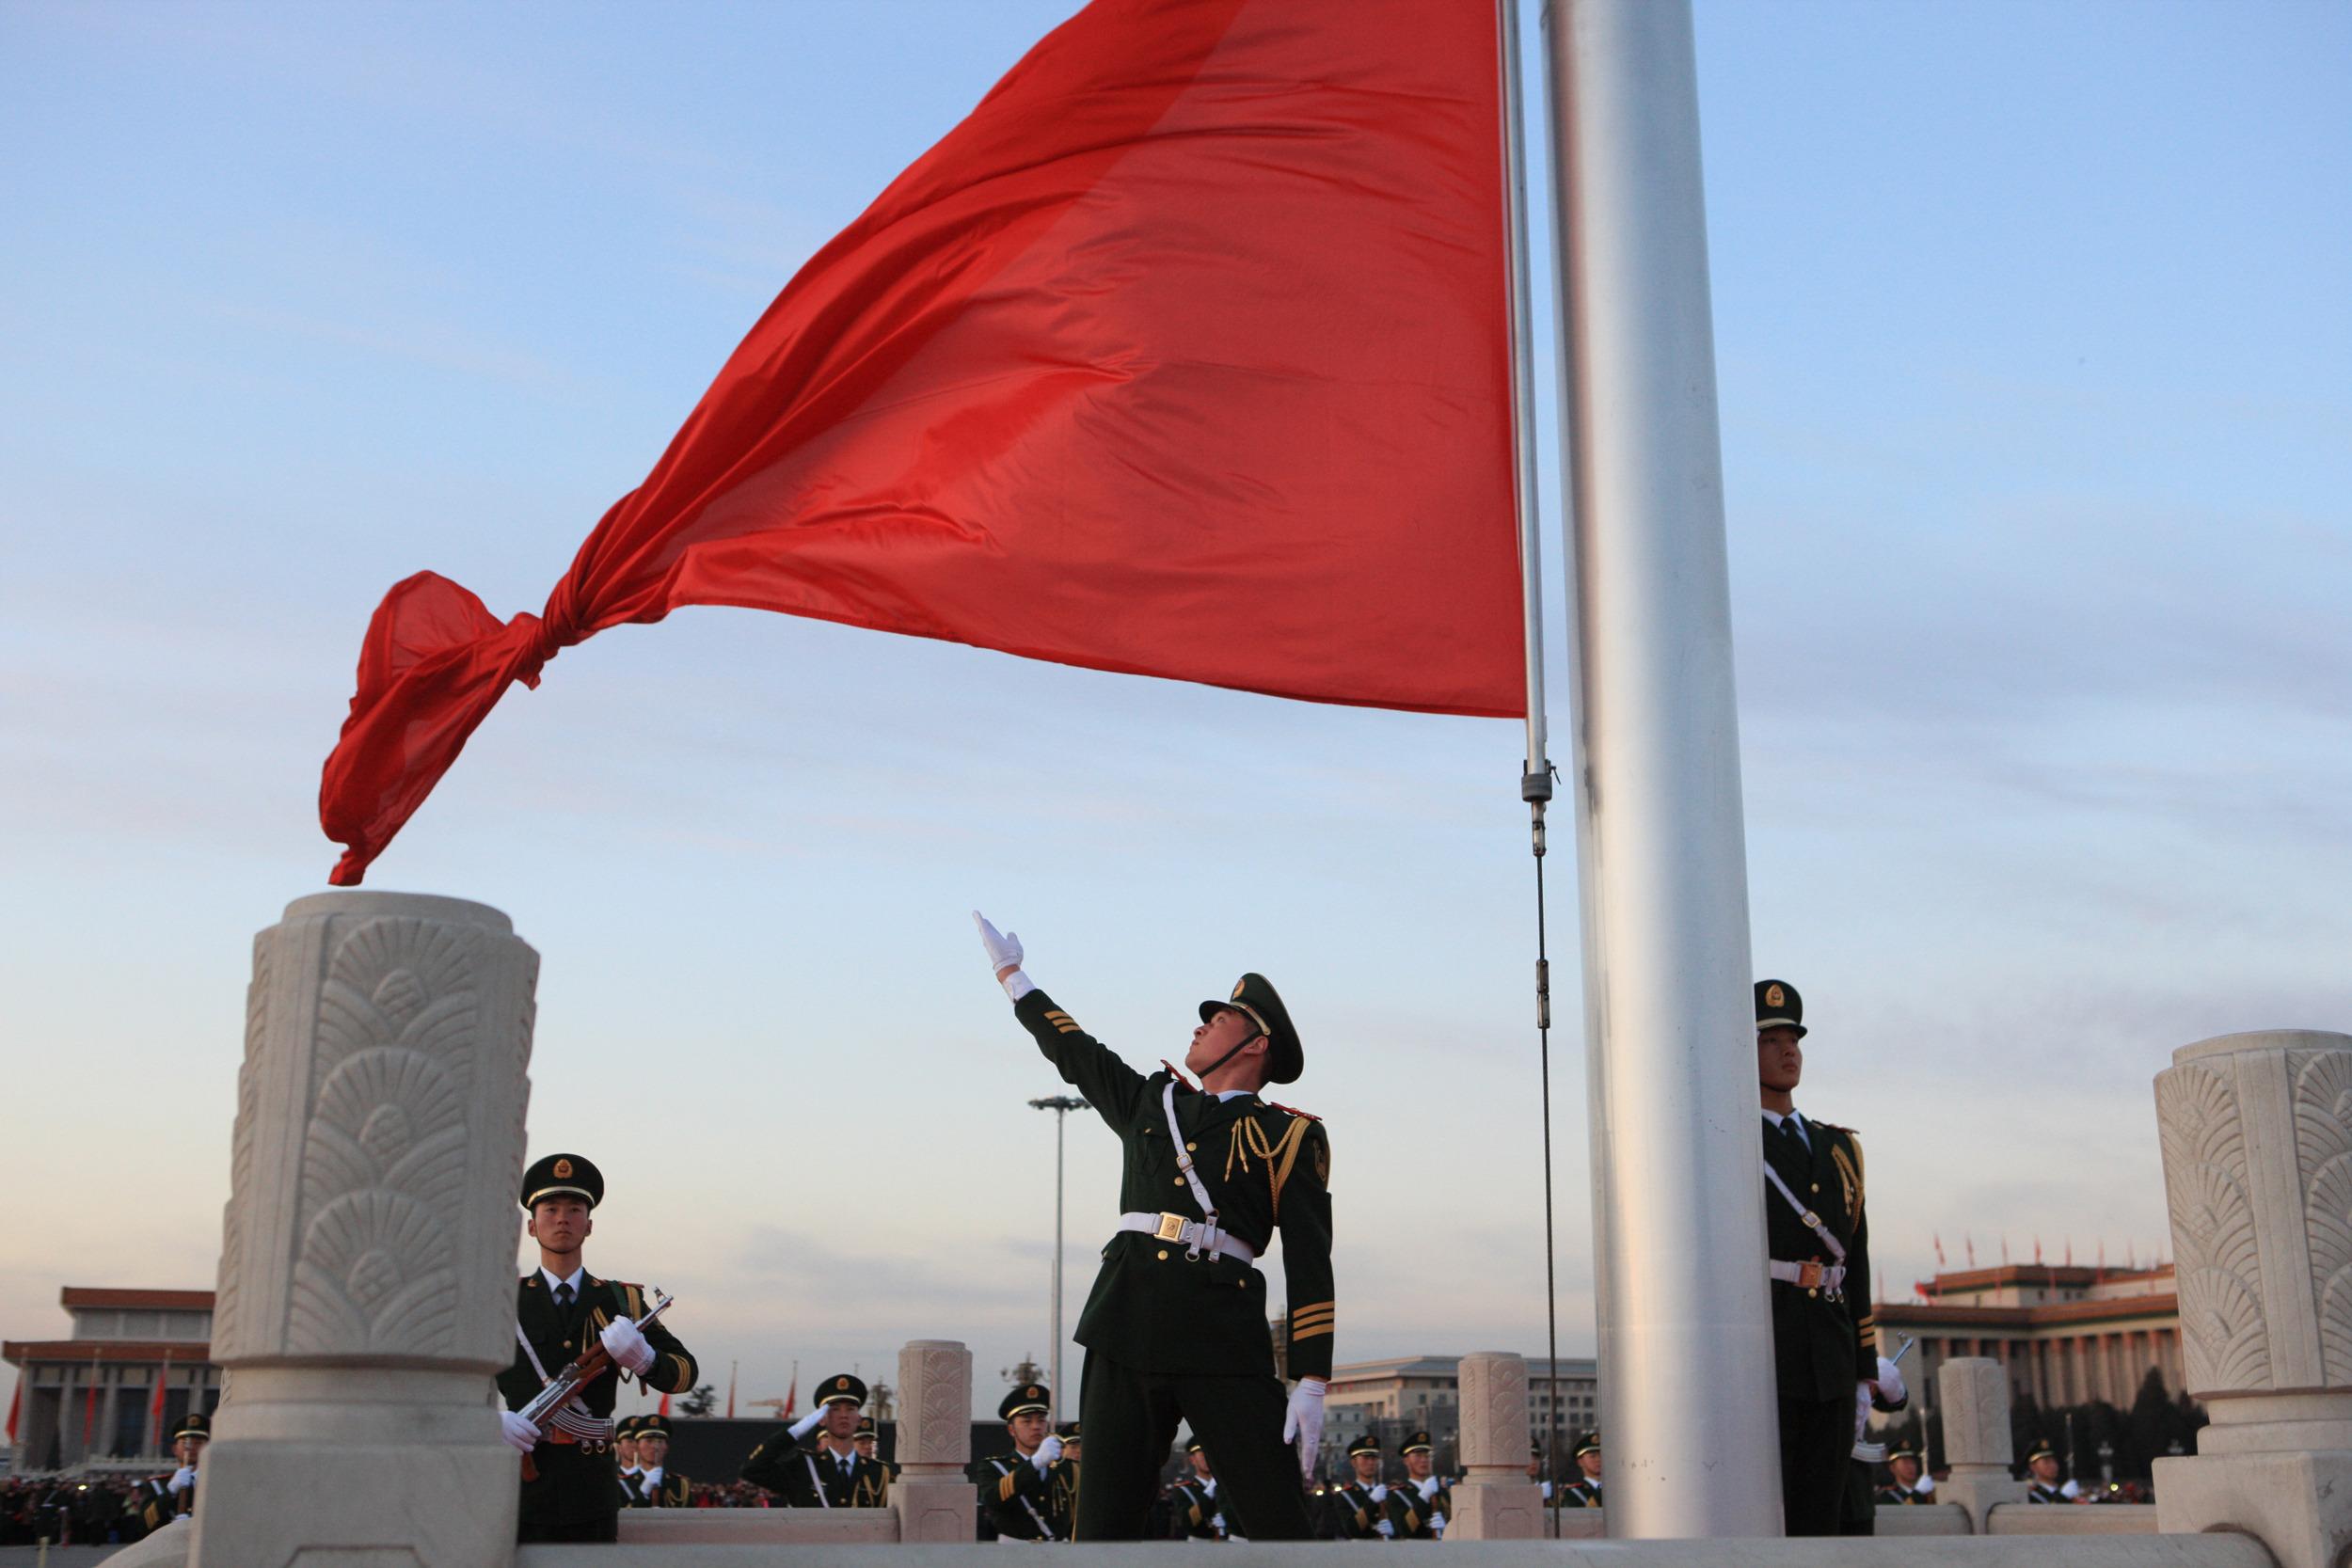 3月5日清晨,北京天安门广场举行升国旗仪式。 当日,第十二届全国人民代表大会第二次会议将在北京人民大会堂开幕。 新华社发(刘长龙 摄)